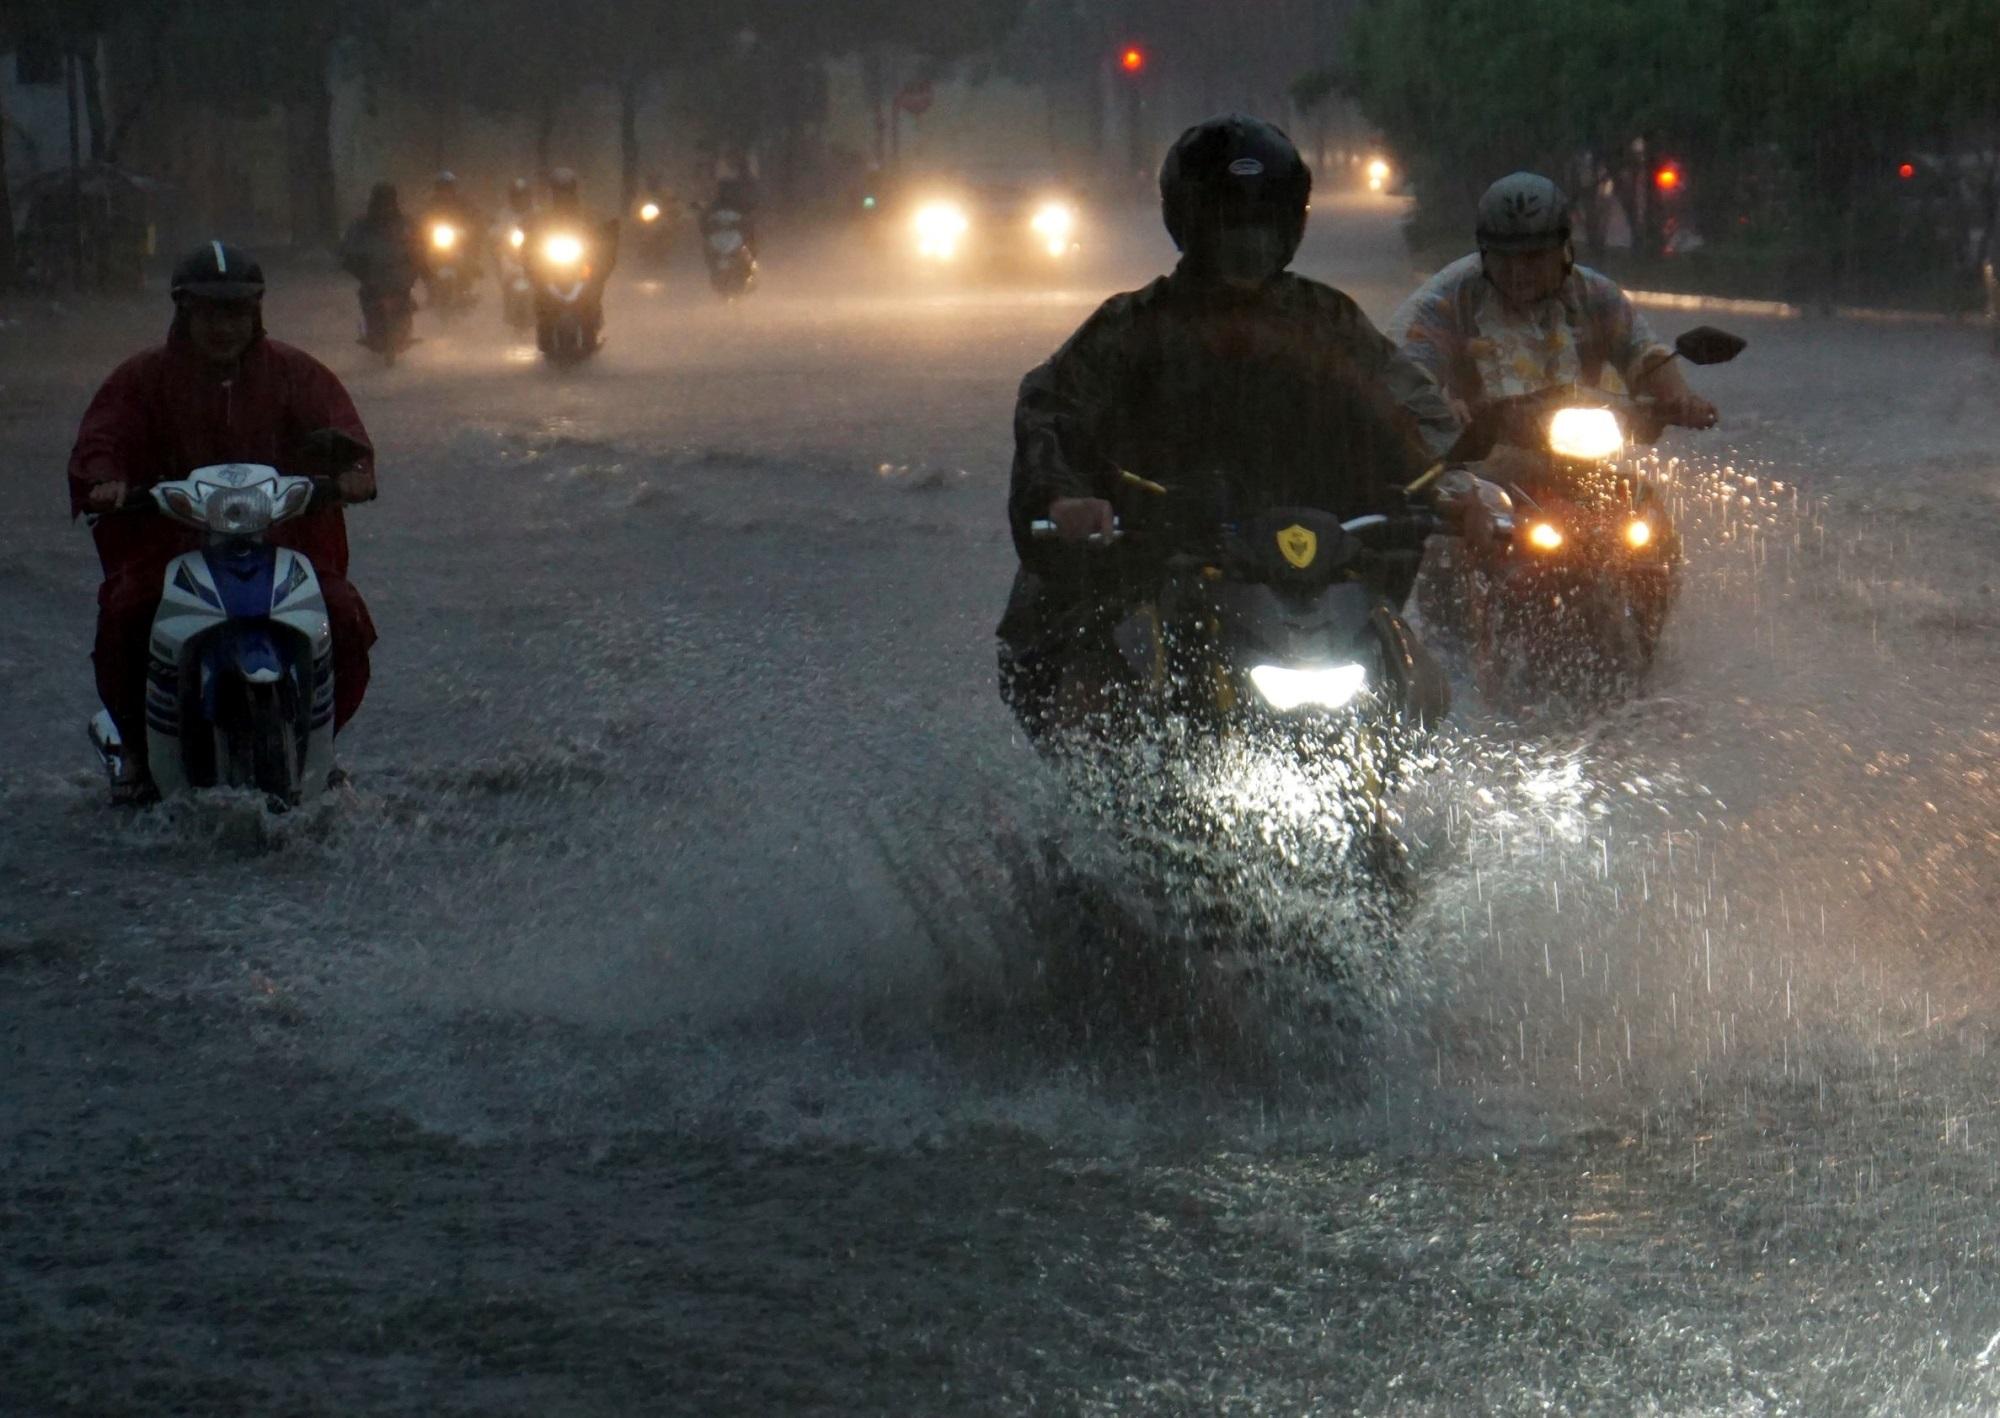 Sài Gòn ngập kinh hoàng, cây ngã đè người đi xe máy tử vong trong tâm bão - Ảnh 12